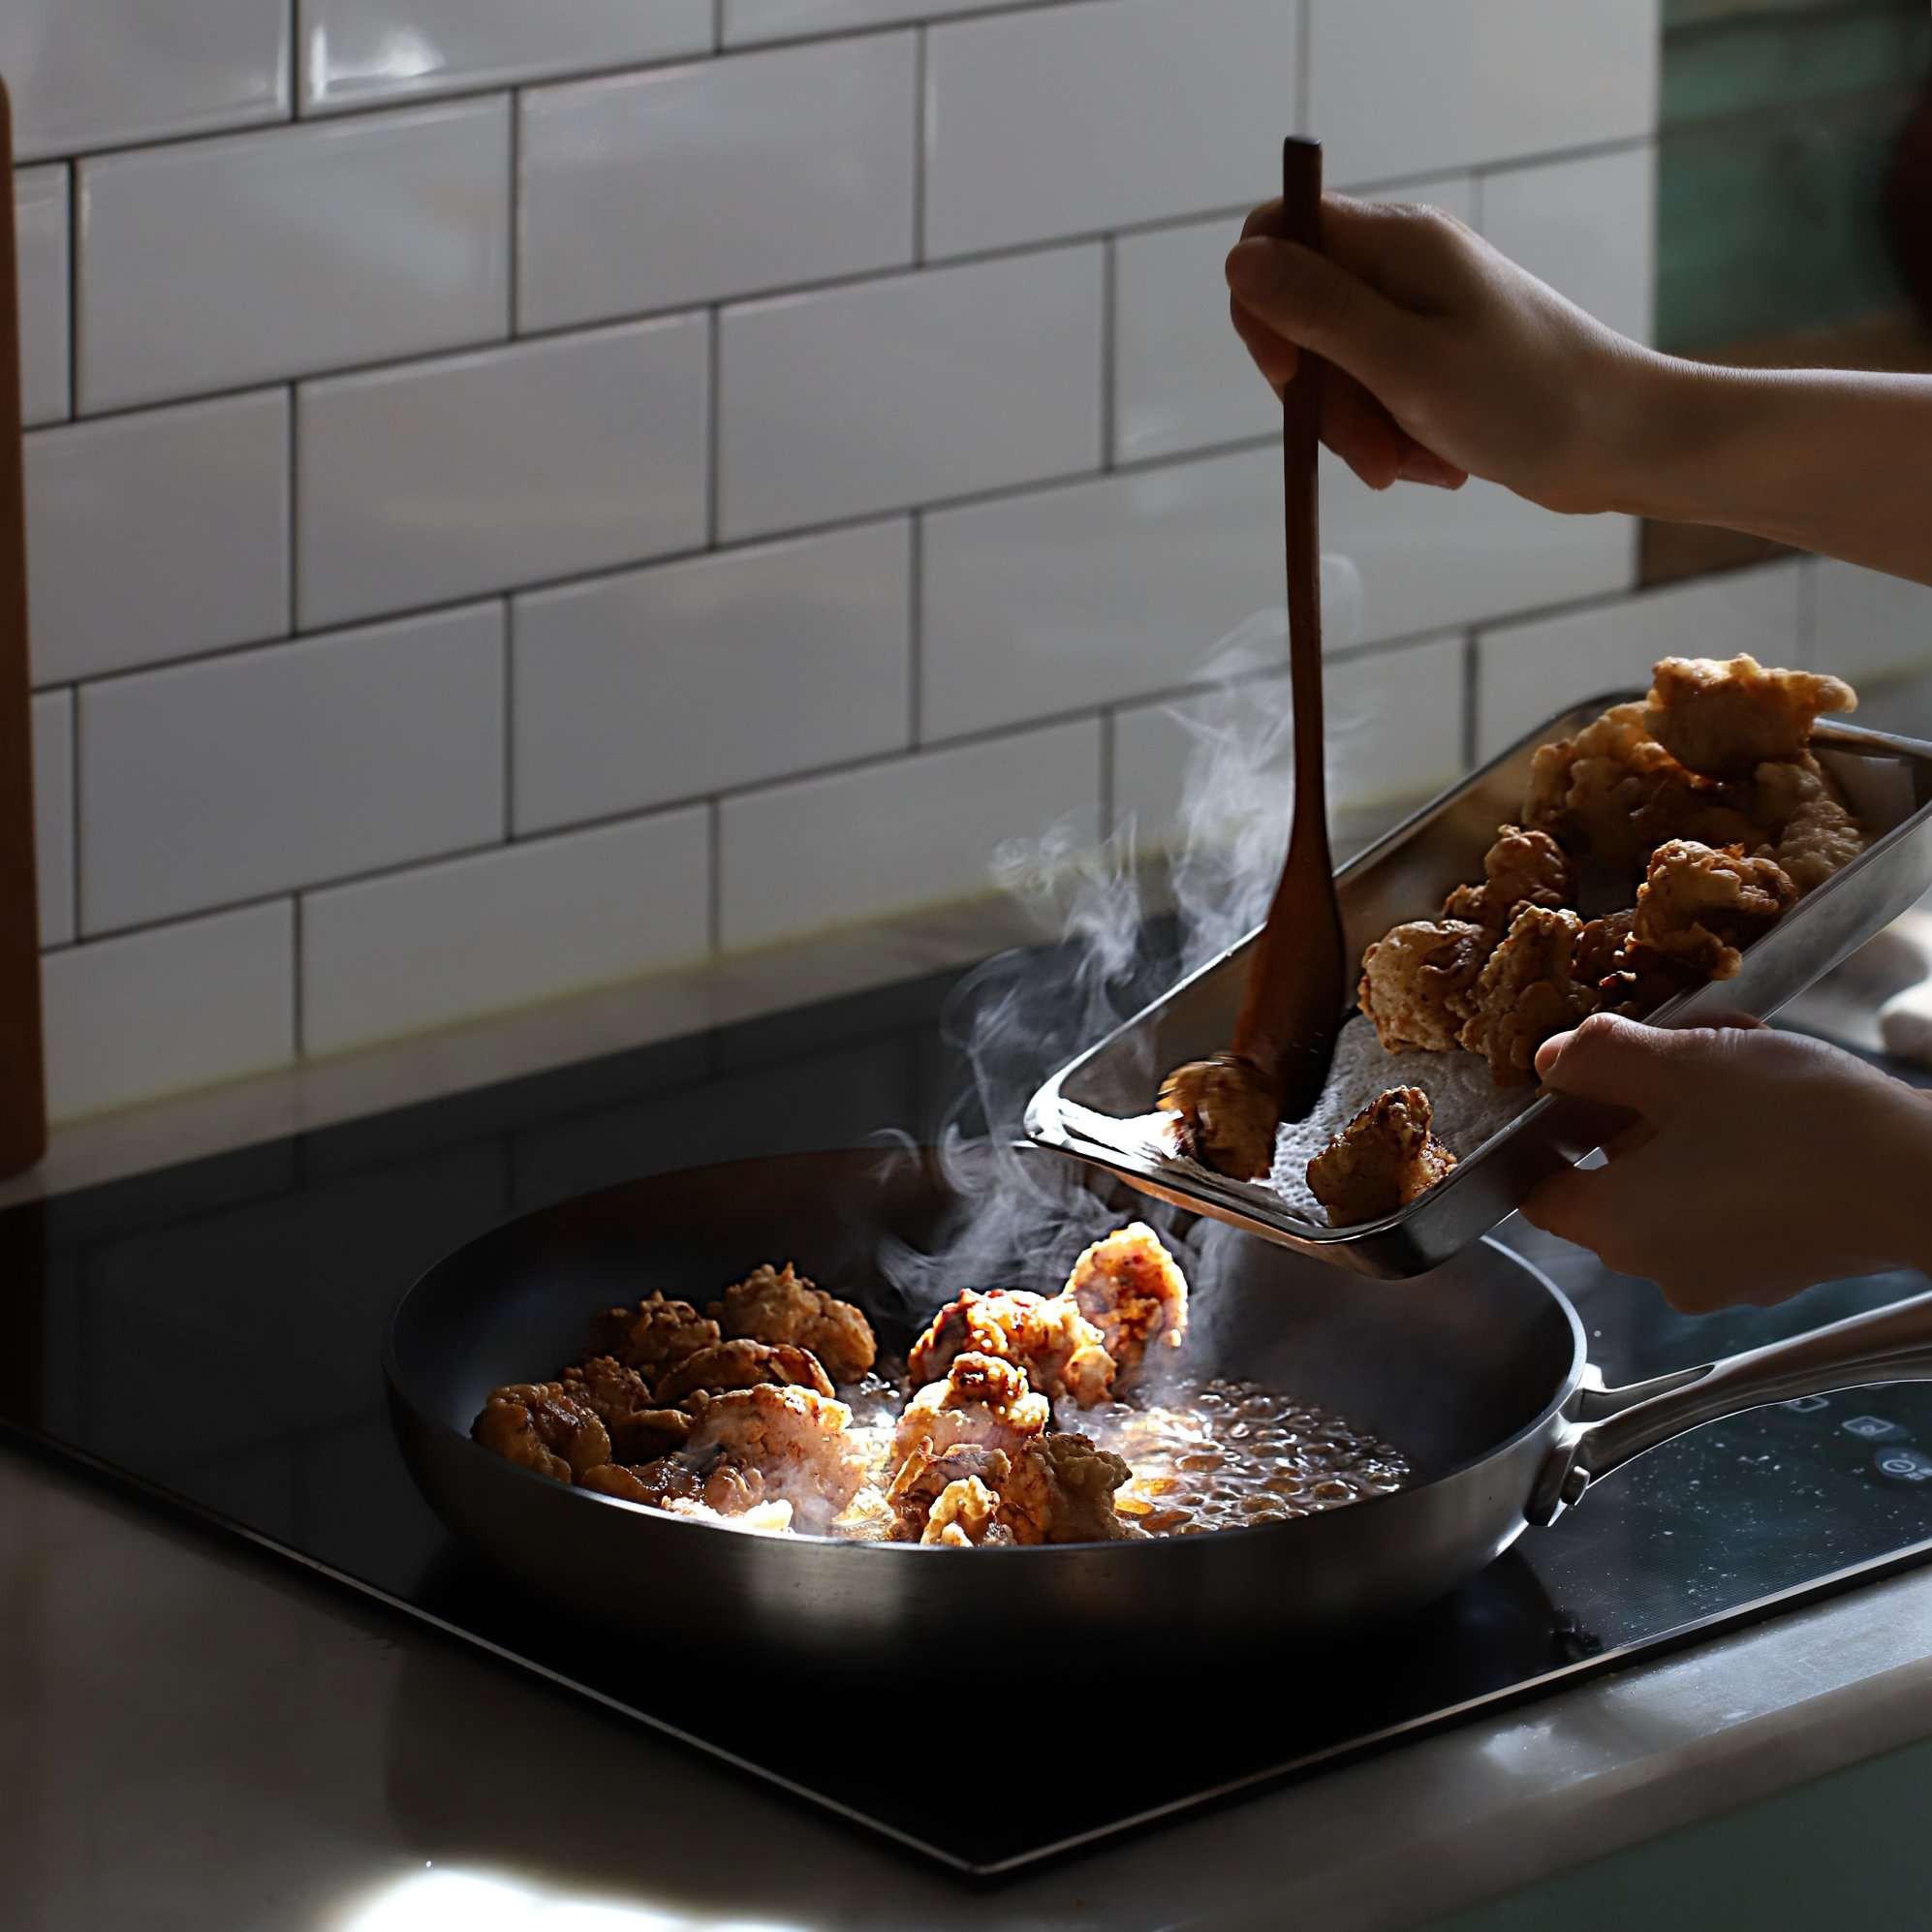 Không phải mất tiền khi đi ăn gà chiên nước tương kiểu Hàn bên ngoài nữa vì công thức cực chuẩn đây rồi! - Ảnh 5